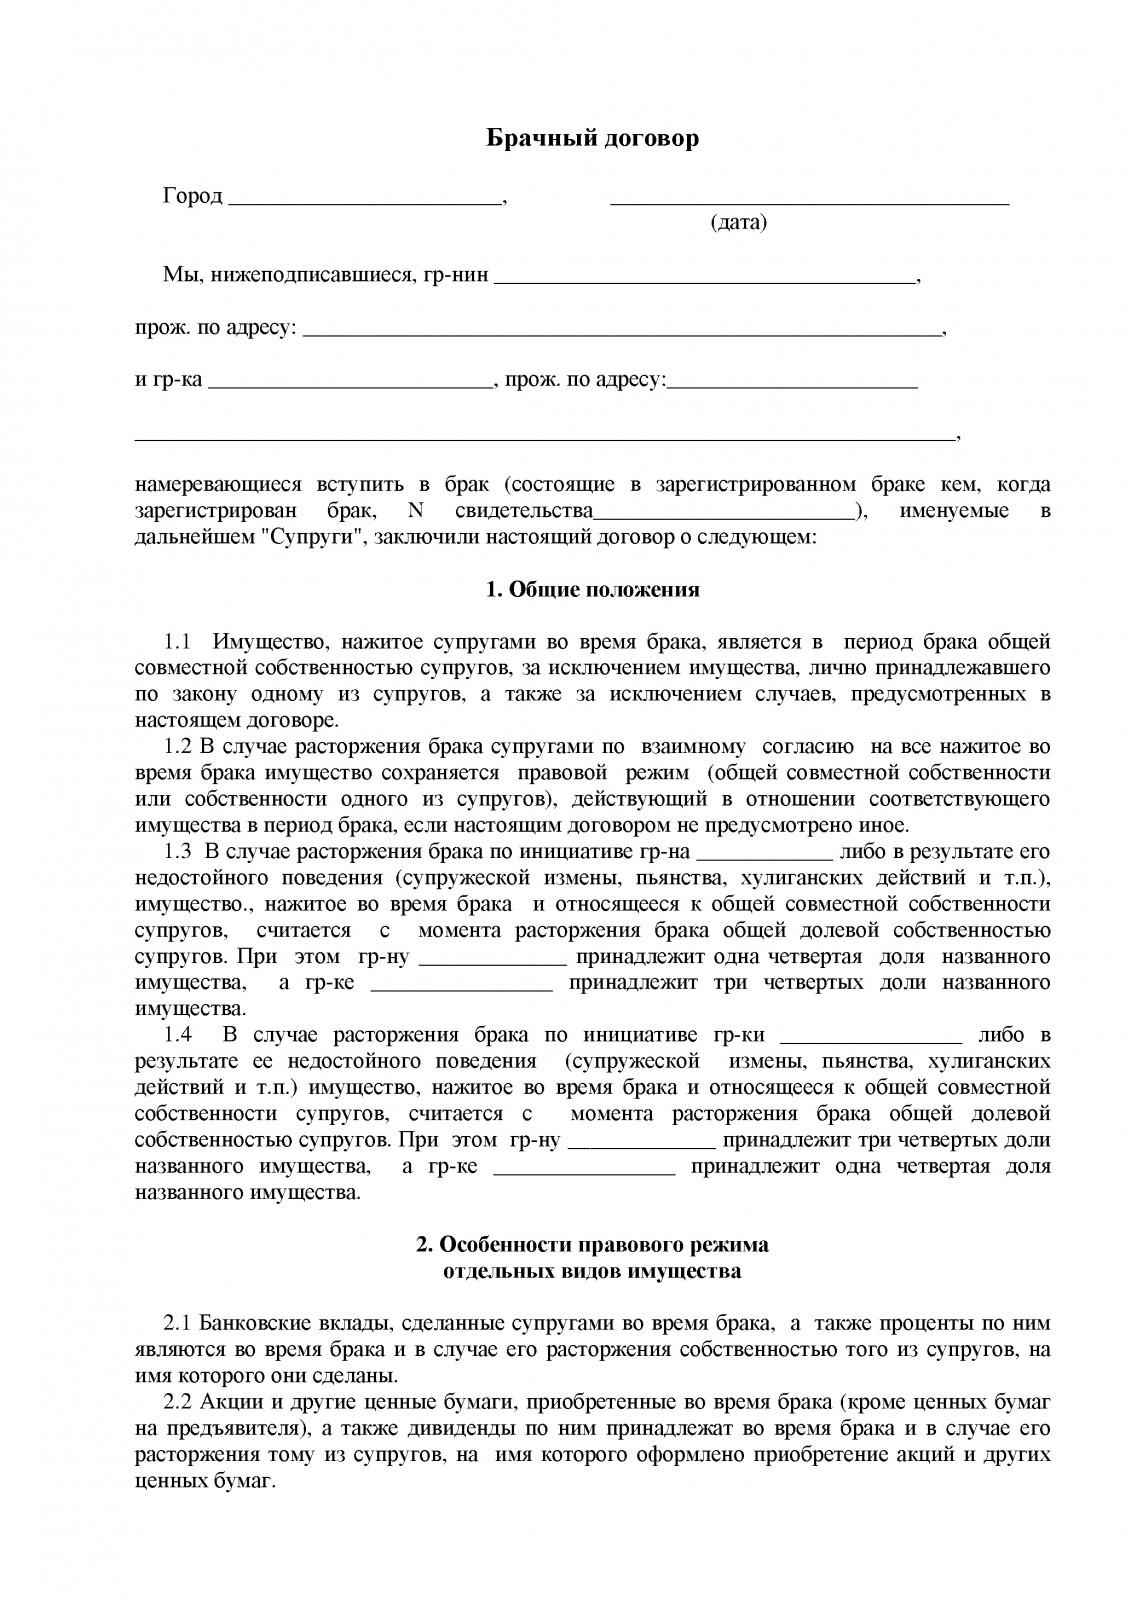 kak-sostavit-brachnyj-dogovor-2